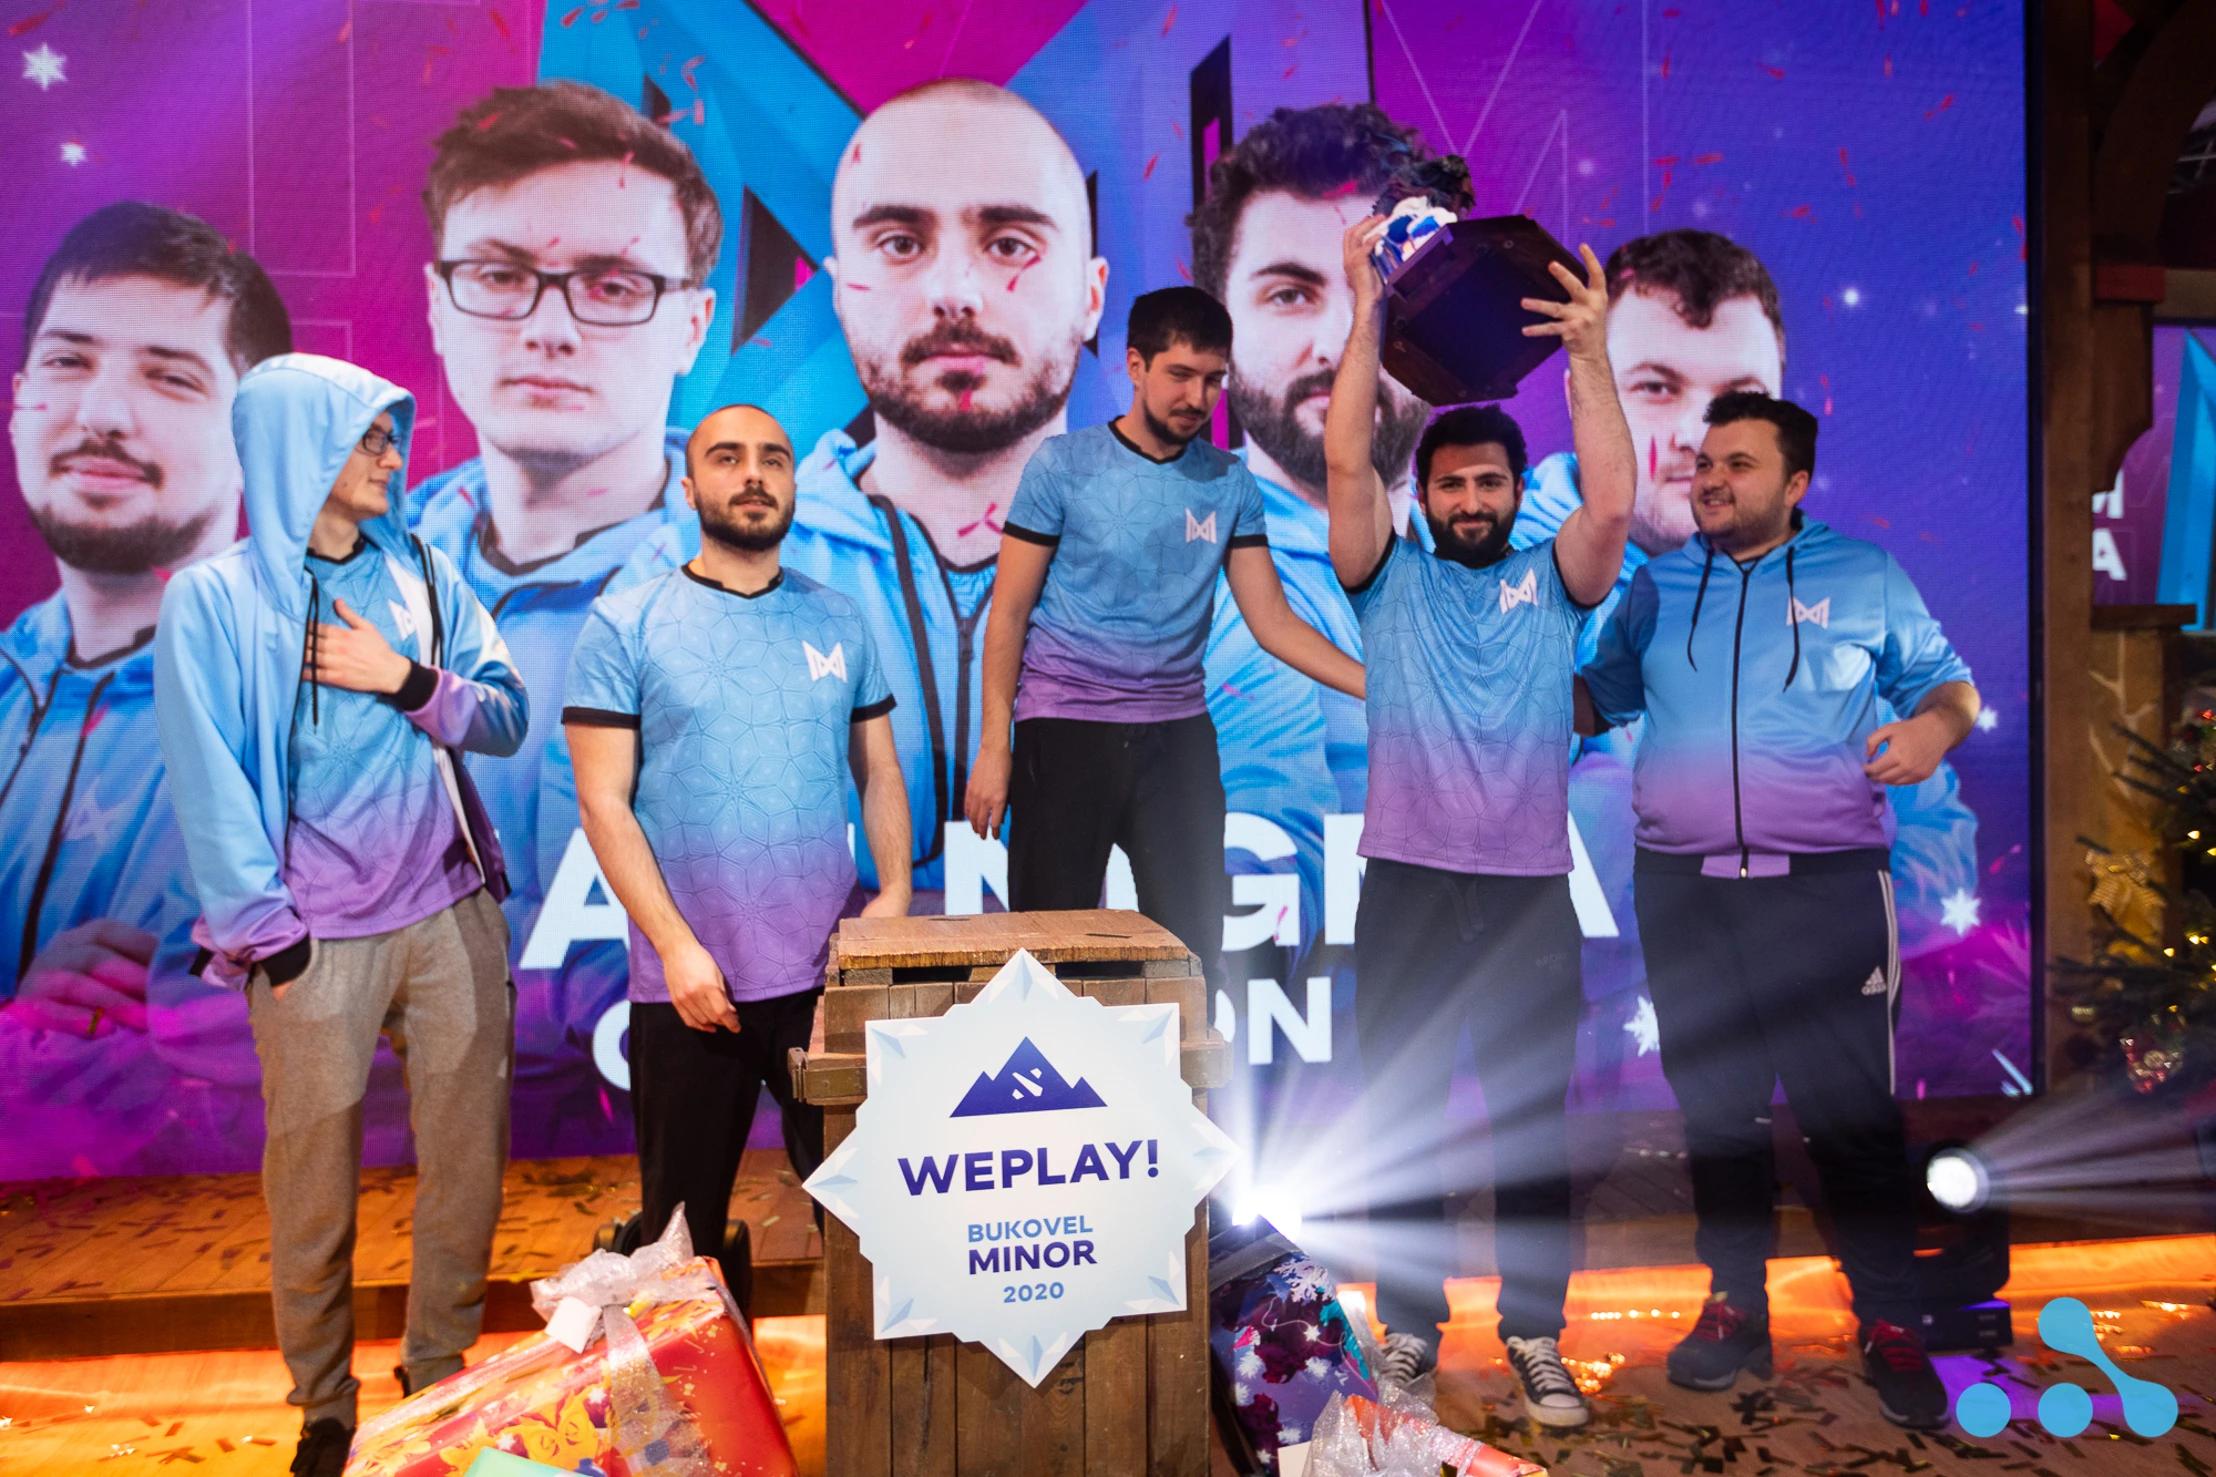 Nigma has won WePlay! Bukovel Minor 2020